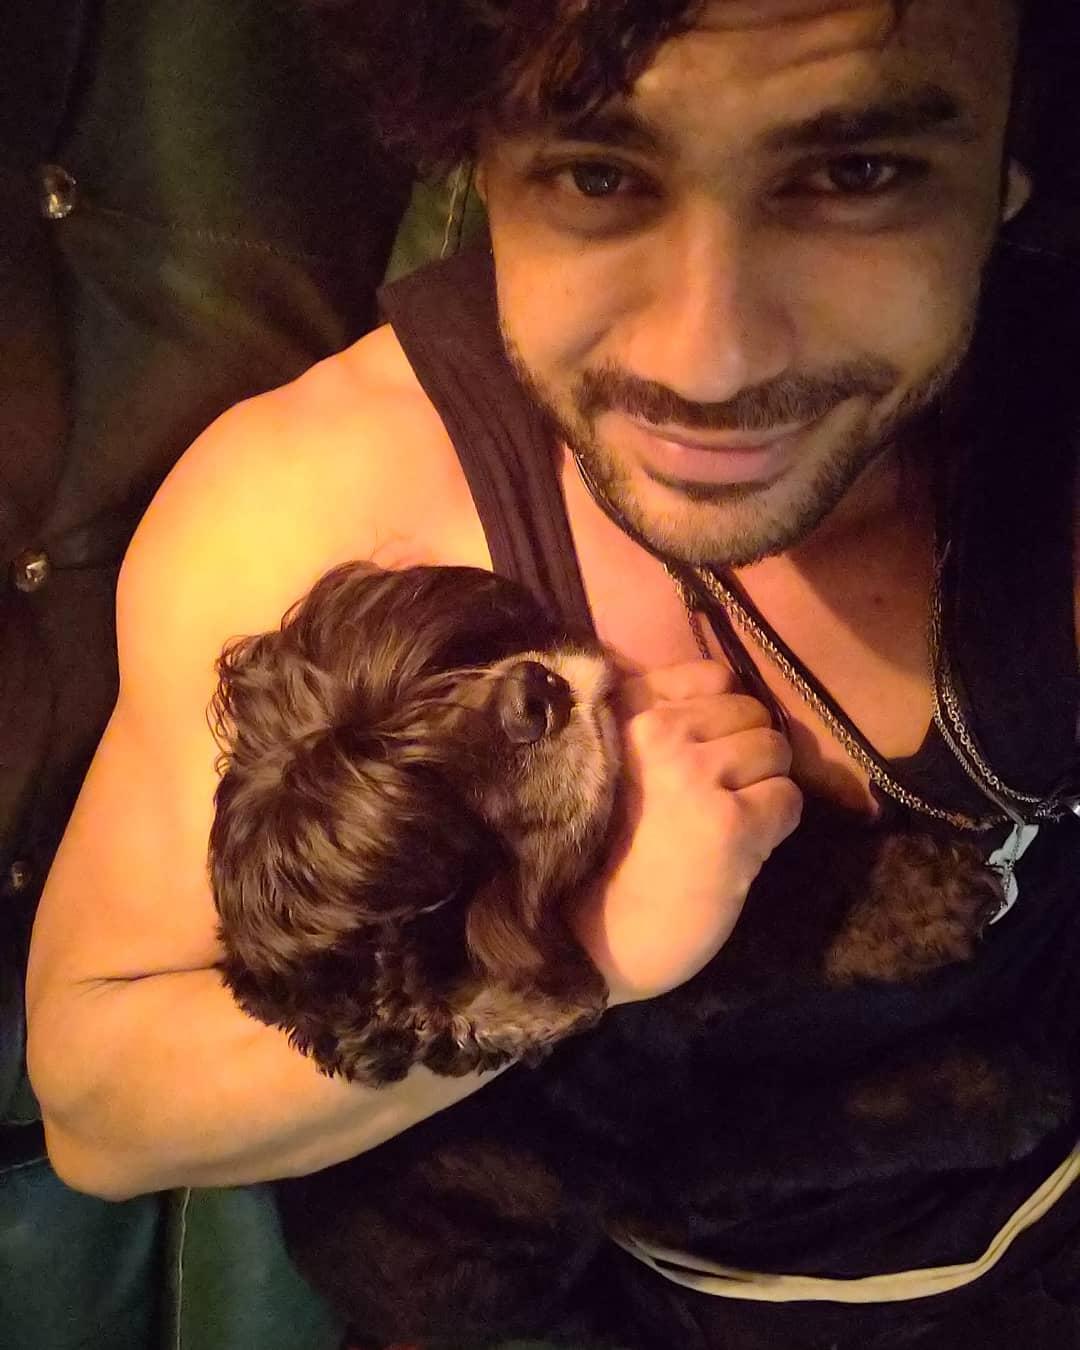 Vishal Aditya Singh with his dog